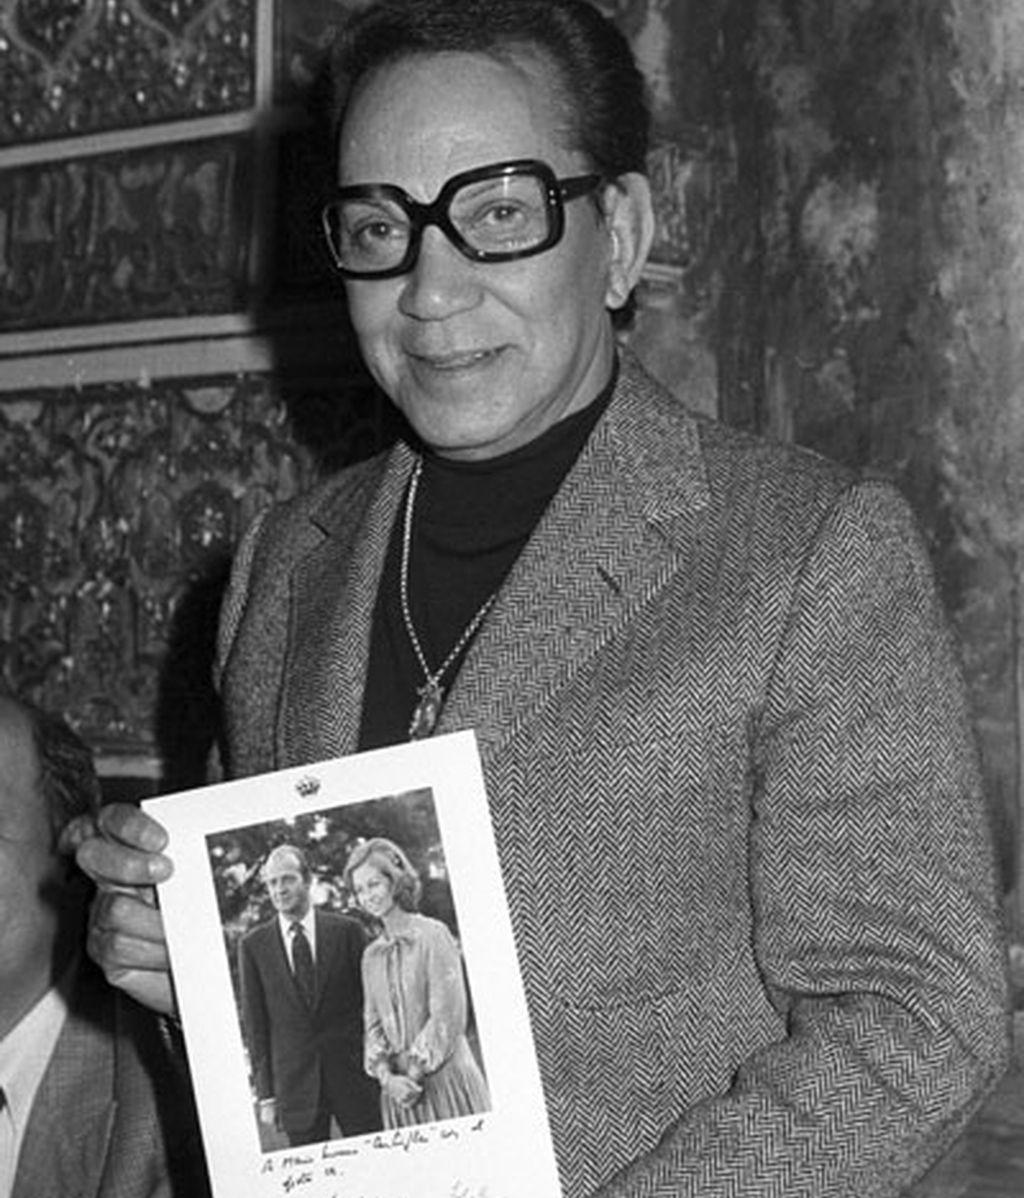 El actor recibió el premio 'Garbanzo de plata' en 1983